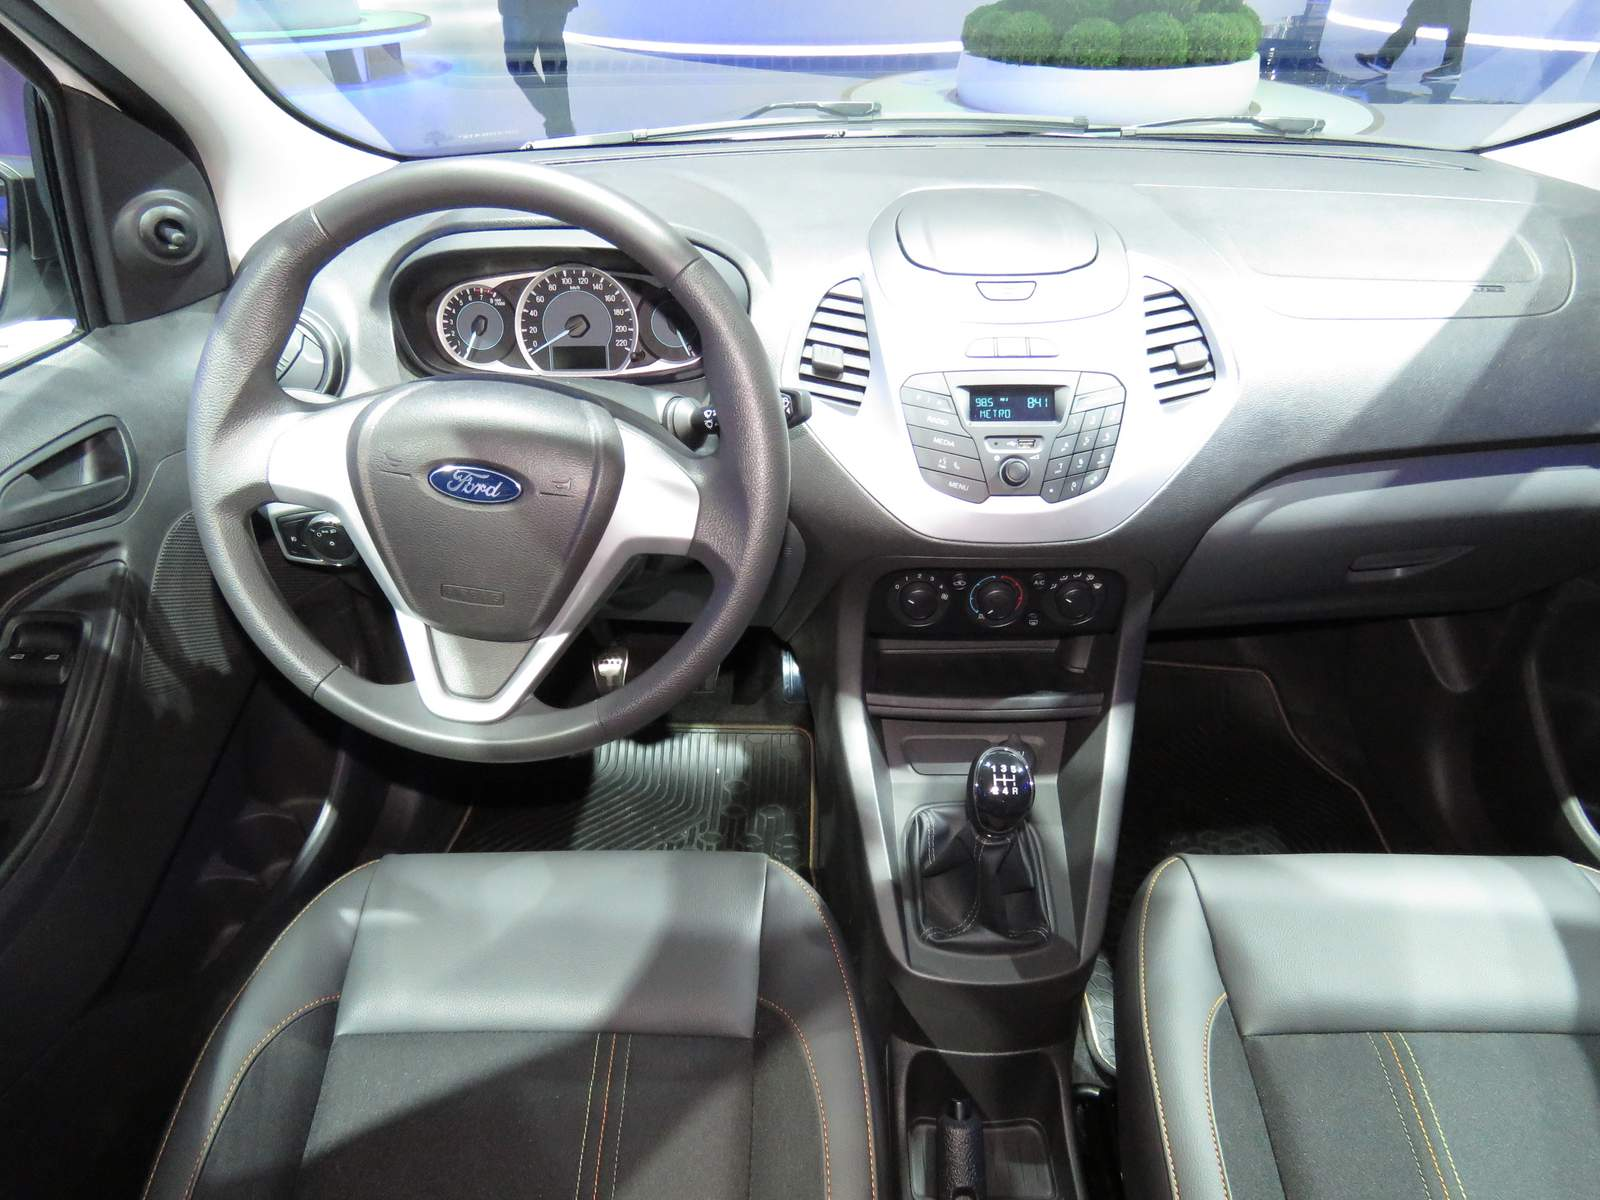 Novo Ford Ka 2018 Trail Preco Comeca Em R 48 790 Reais Car Blog Br